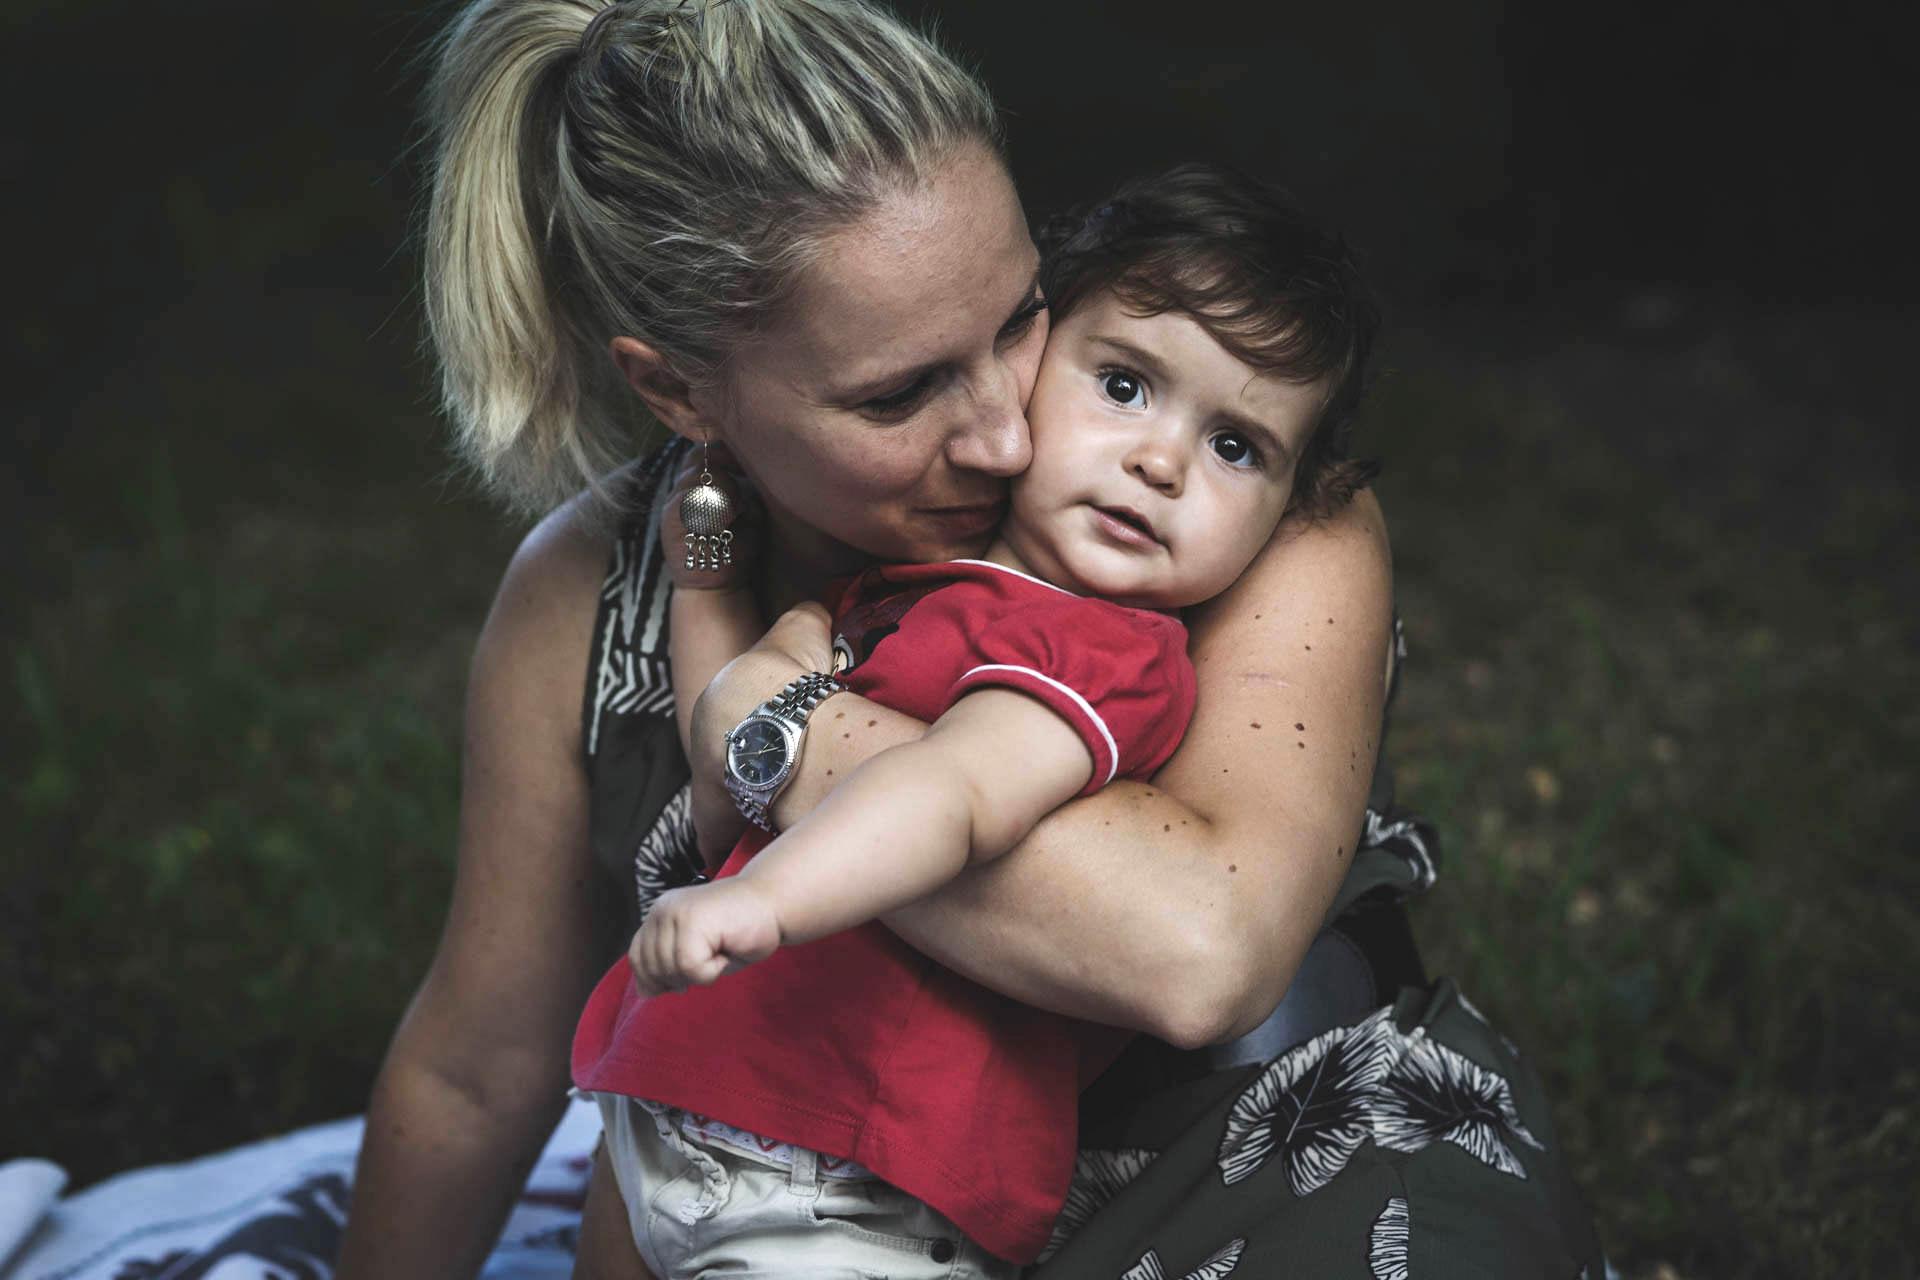 Servizio Fotografico Bambini e Famiglia a Venezia, Veneto. Ecco la piccola Greta. Michelino Studio, fotografo professionista per neonati, bambini e famiglia in Veneto. 004